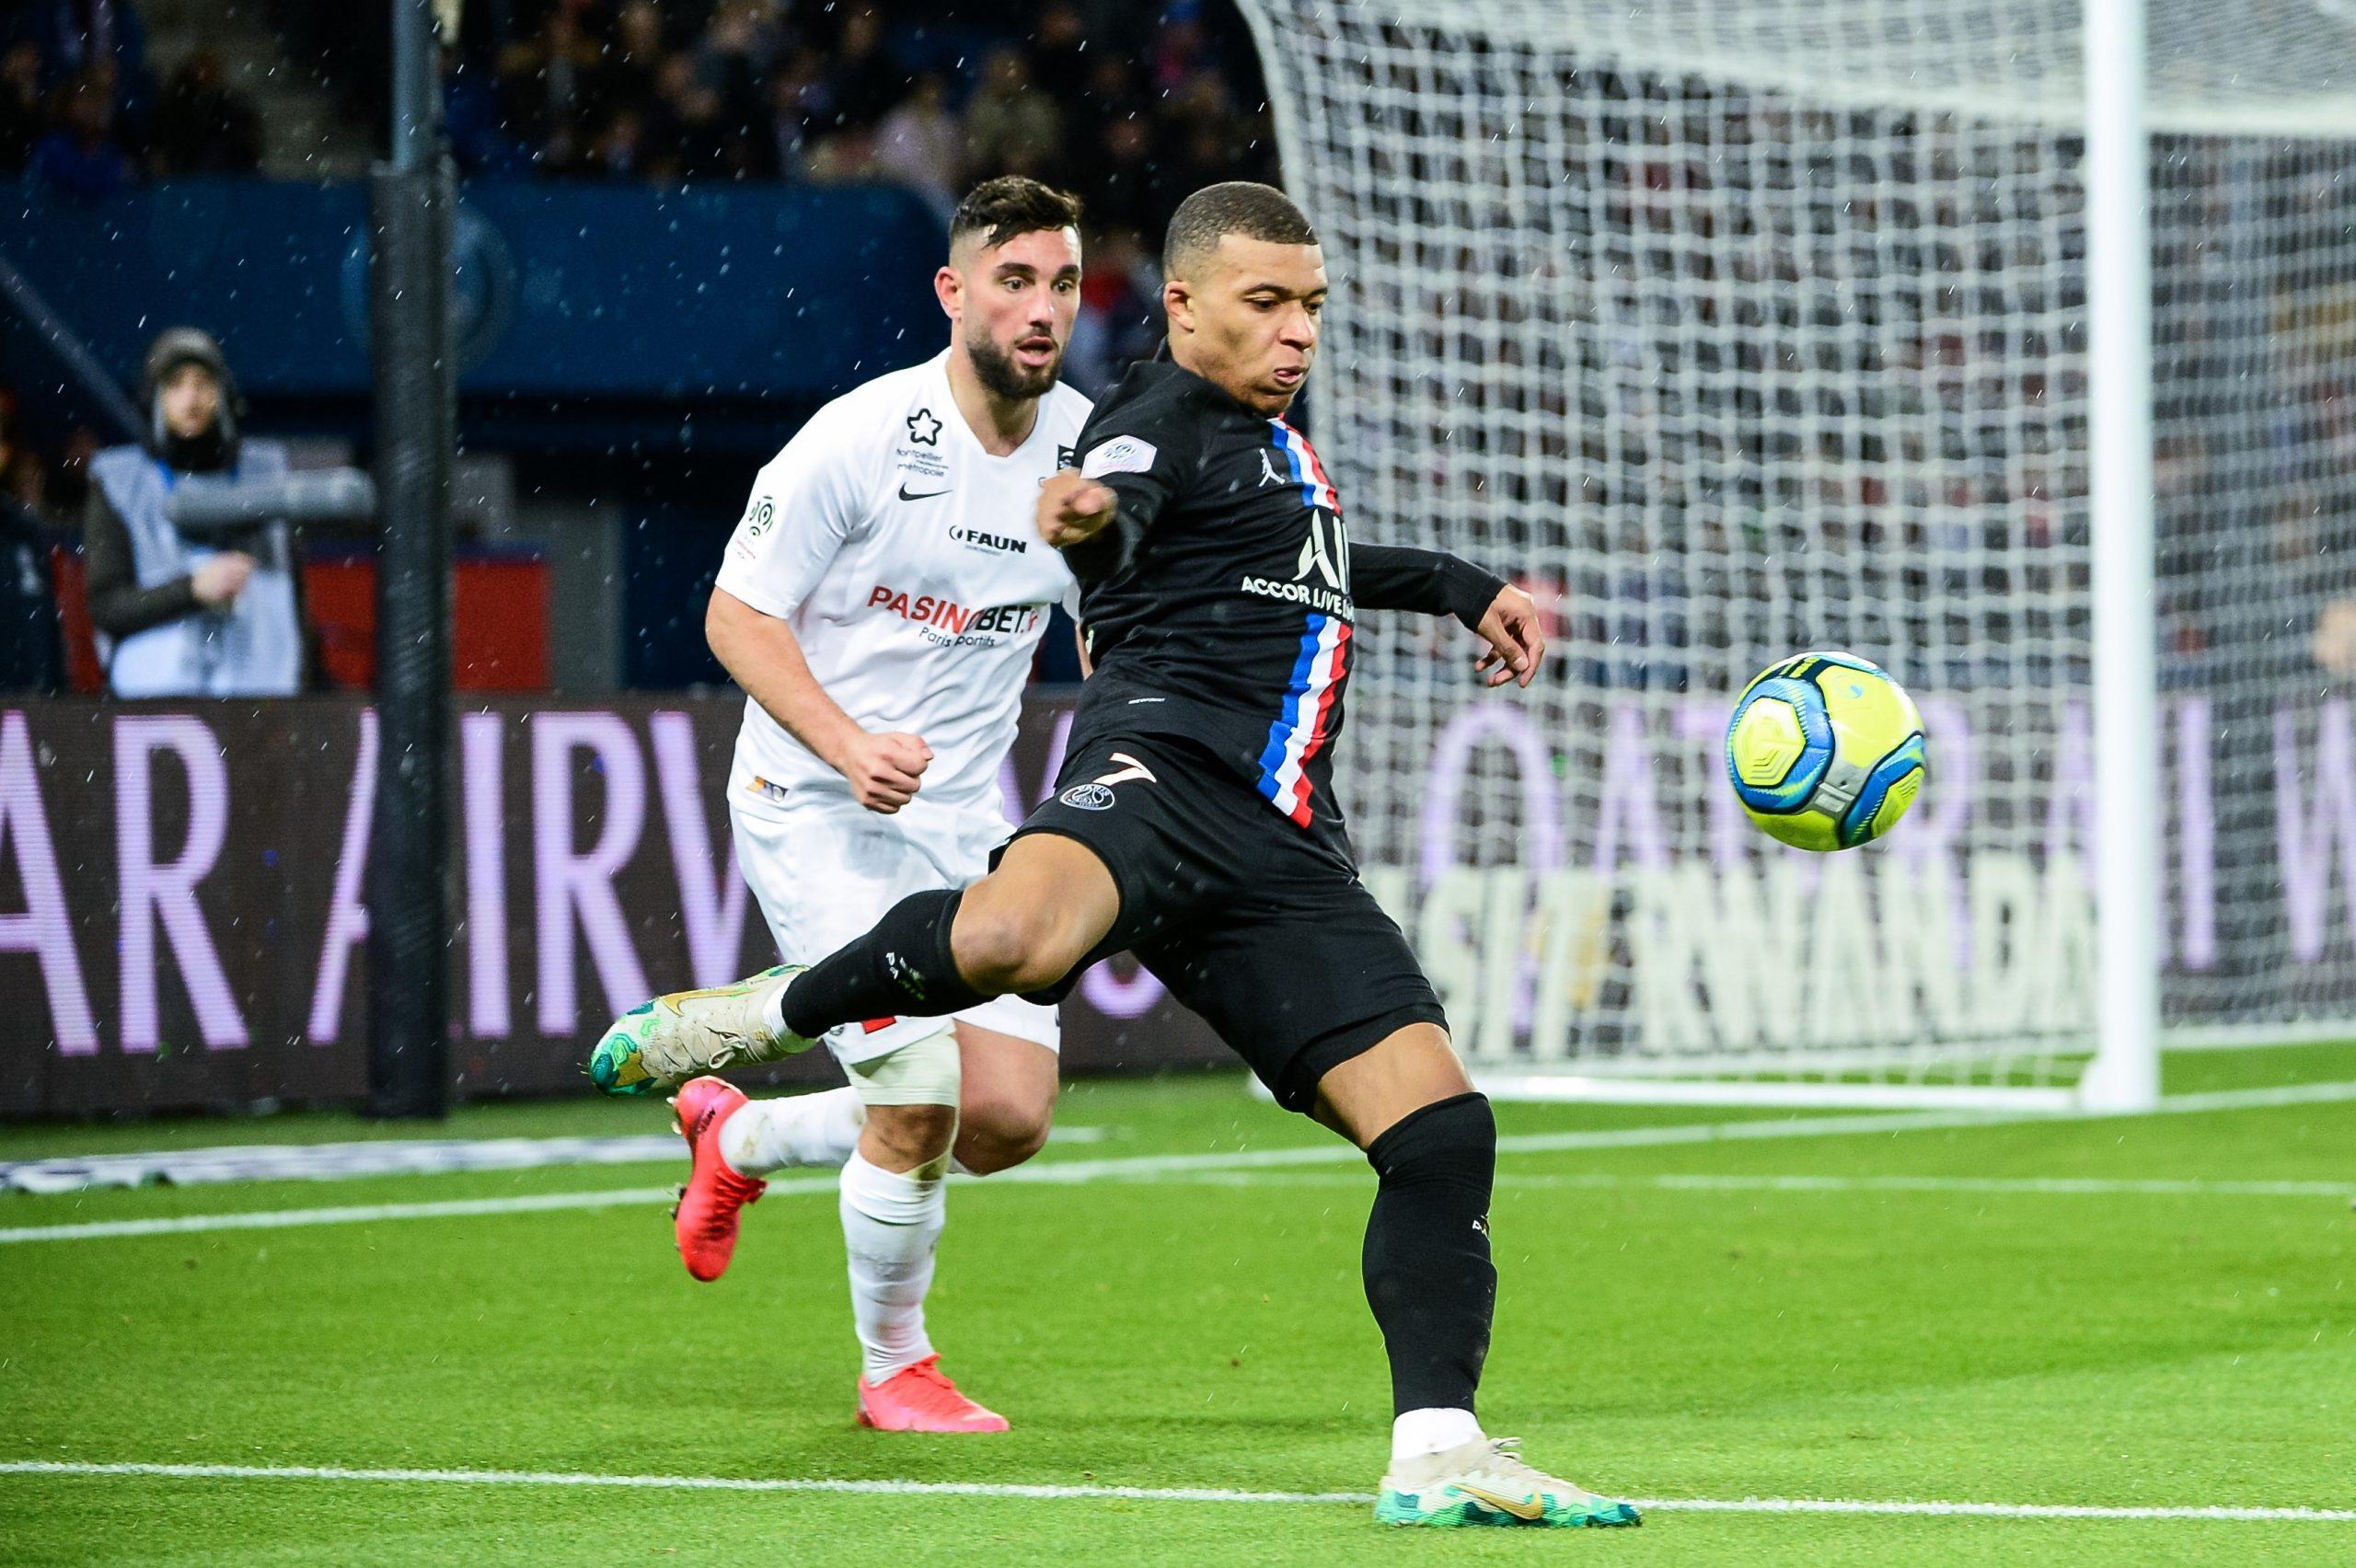 Mercato - Le Real Madrid intéressé par la situation de Mbappé, mais sans vouloir froisser le PSG indique Mundo Deportivo